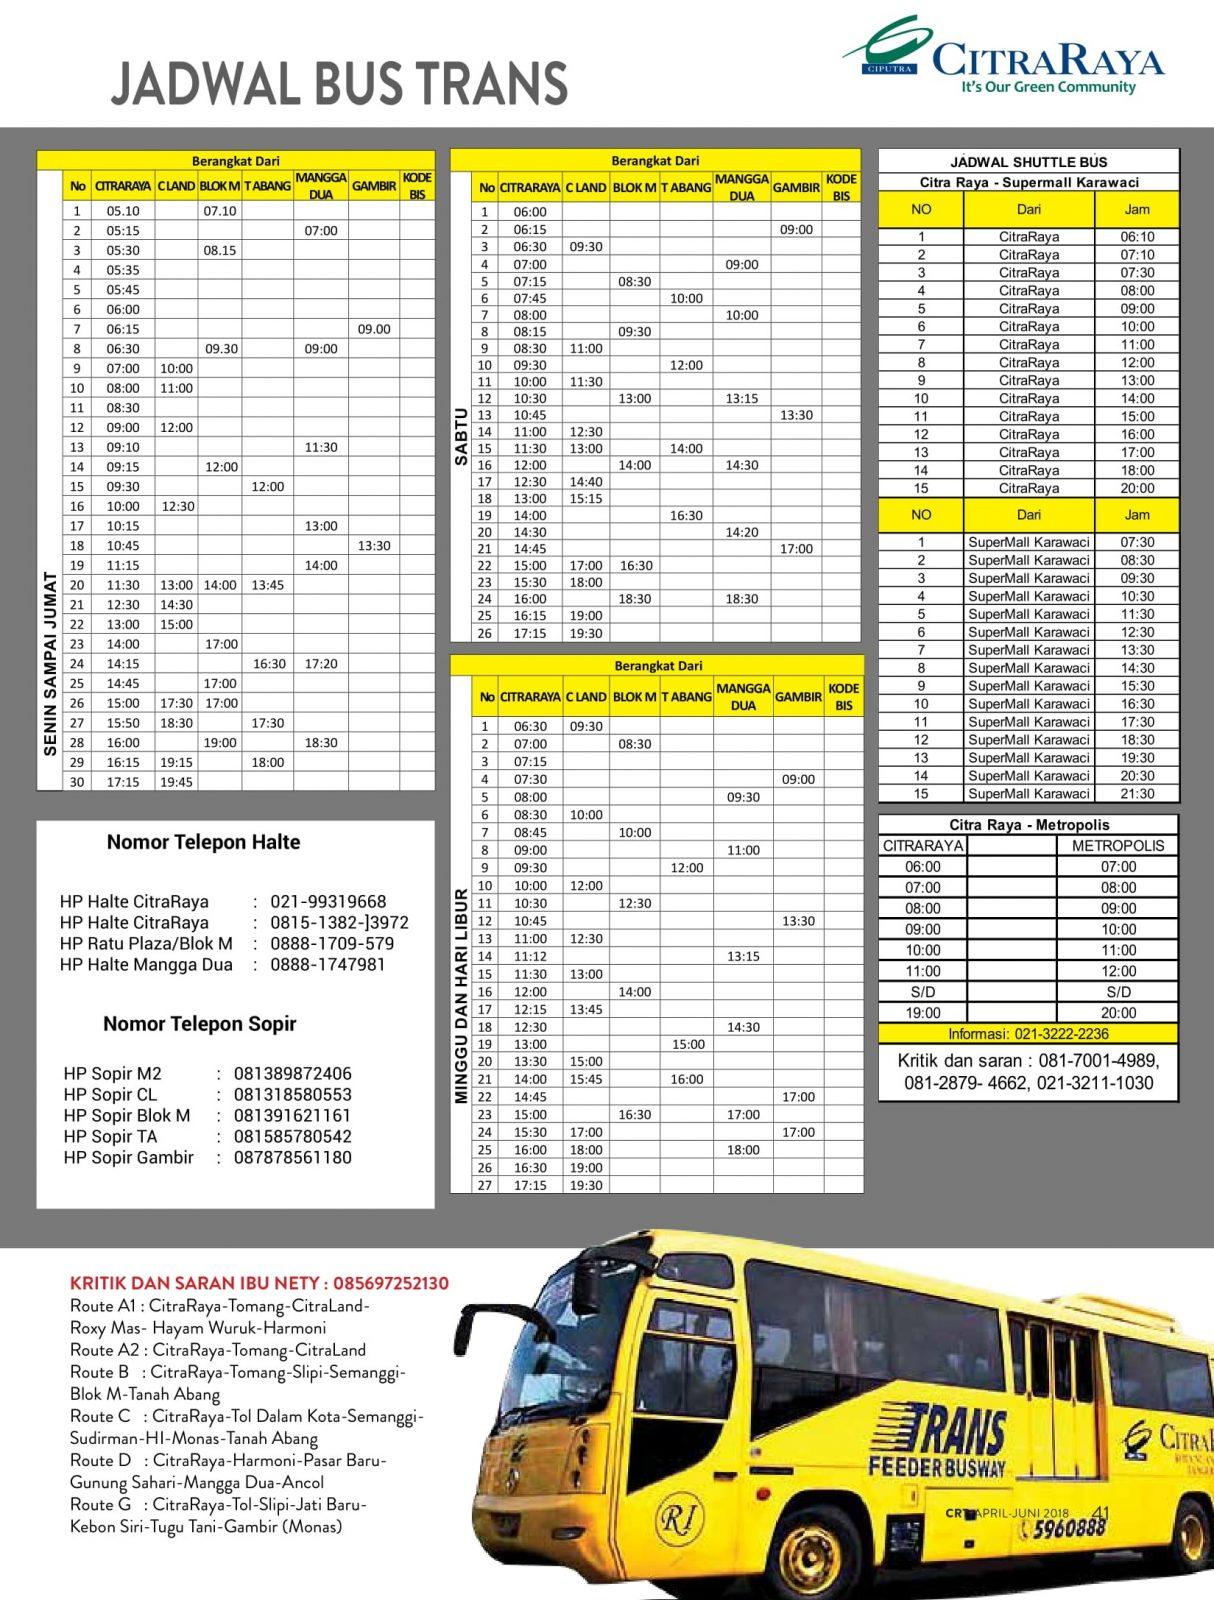 jadwal bus CitraRaya